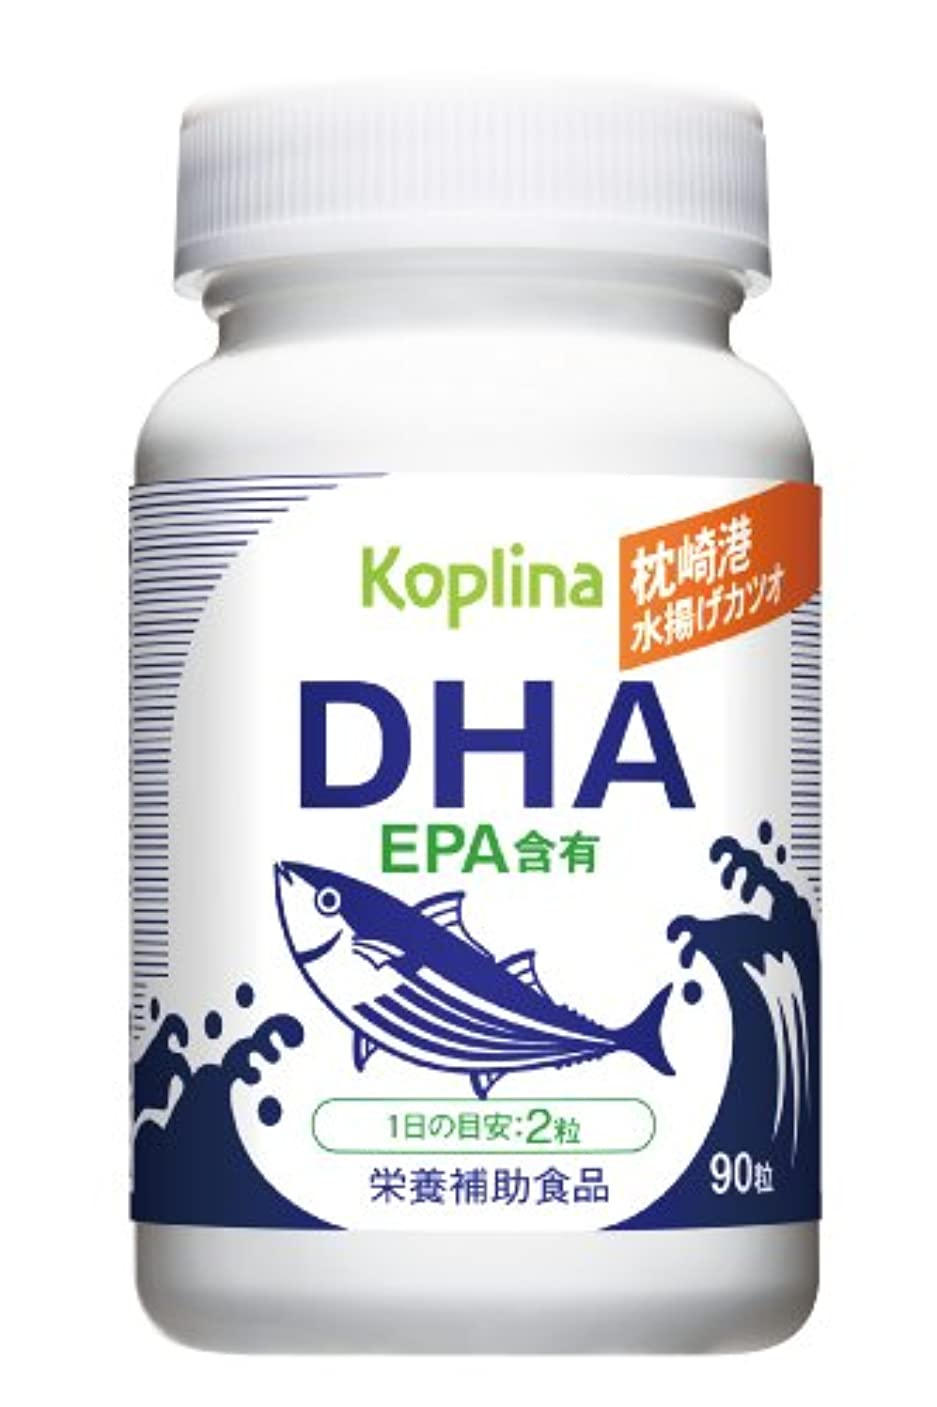 悪質な覗く歴史的新品 枕崎港水揚げカツオDHA(EPA含有)90粒 1個